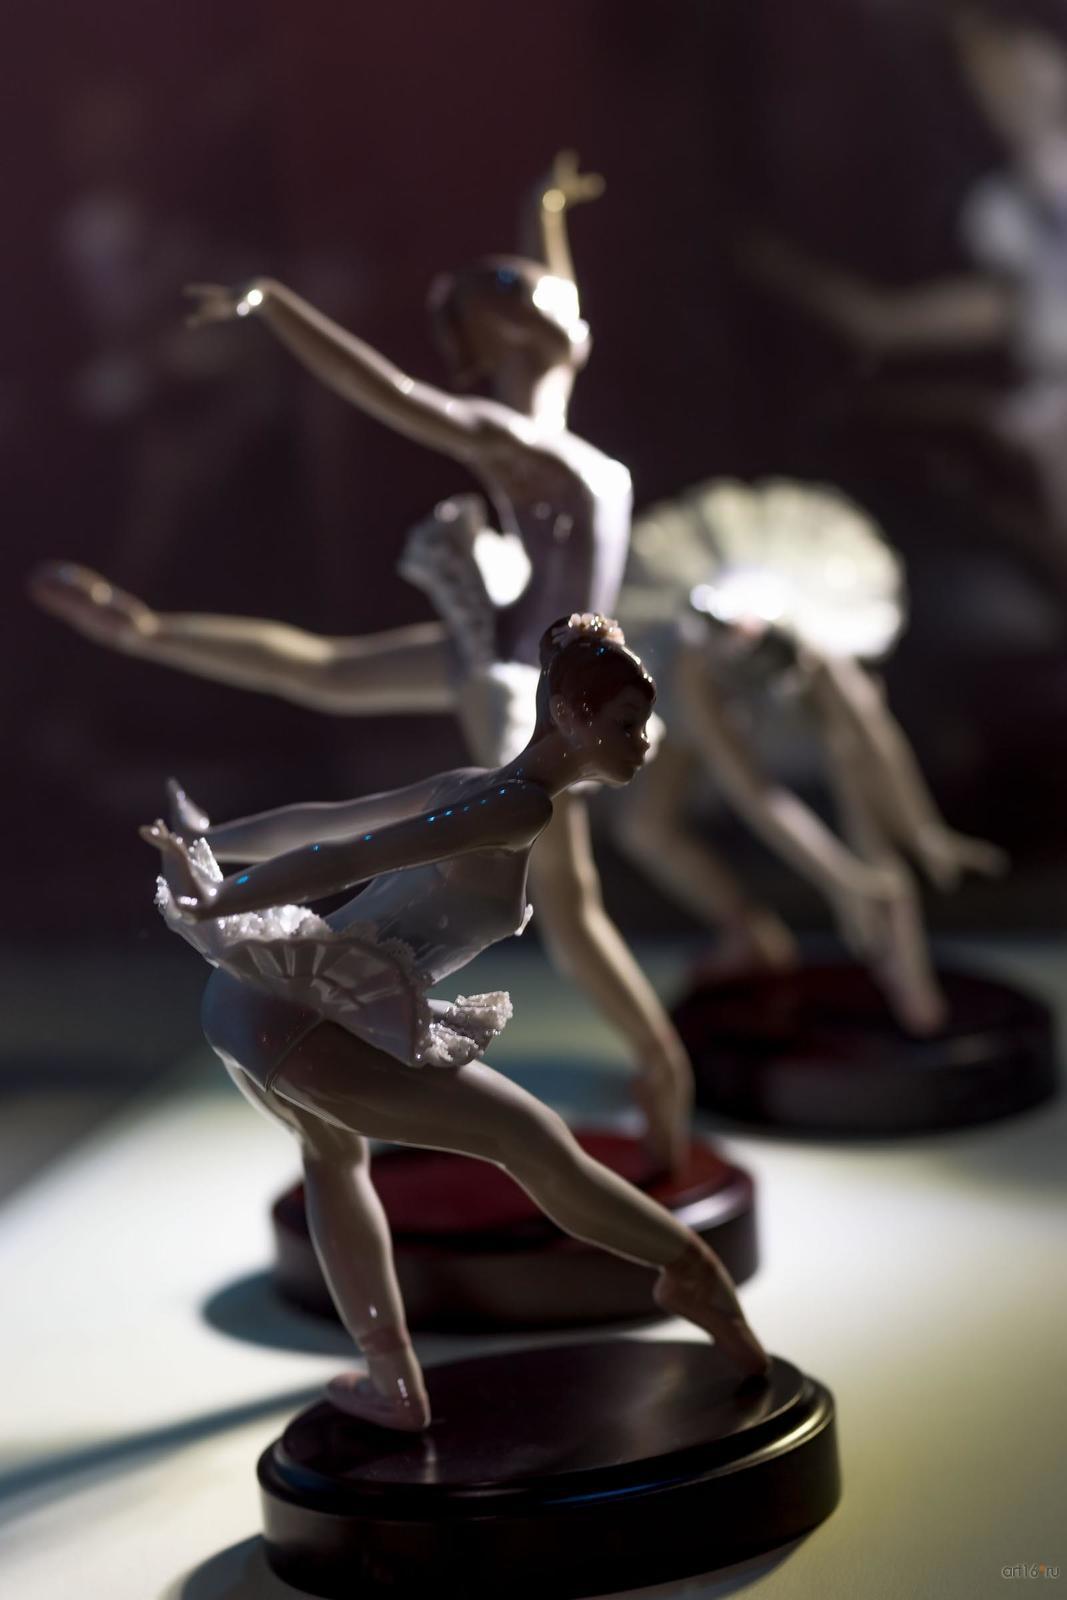 Фото №865727. Реверанс. Поклон. Прыжок. На пуантах. Оборот. Скульптор Сальвадор Дебон. 1991-1994